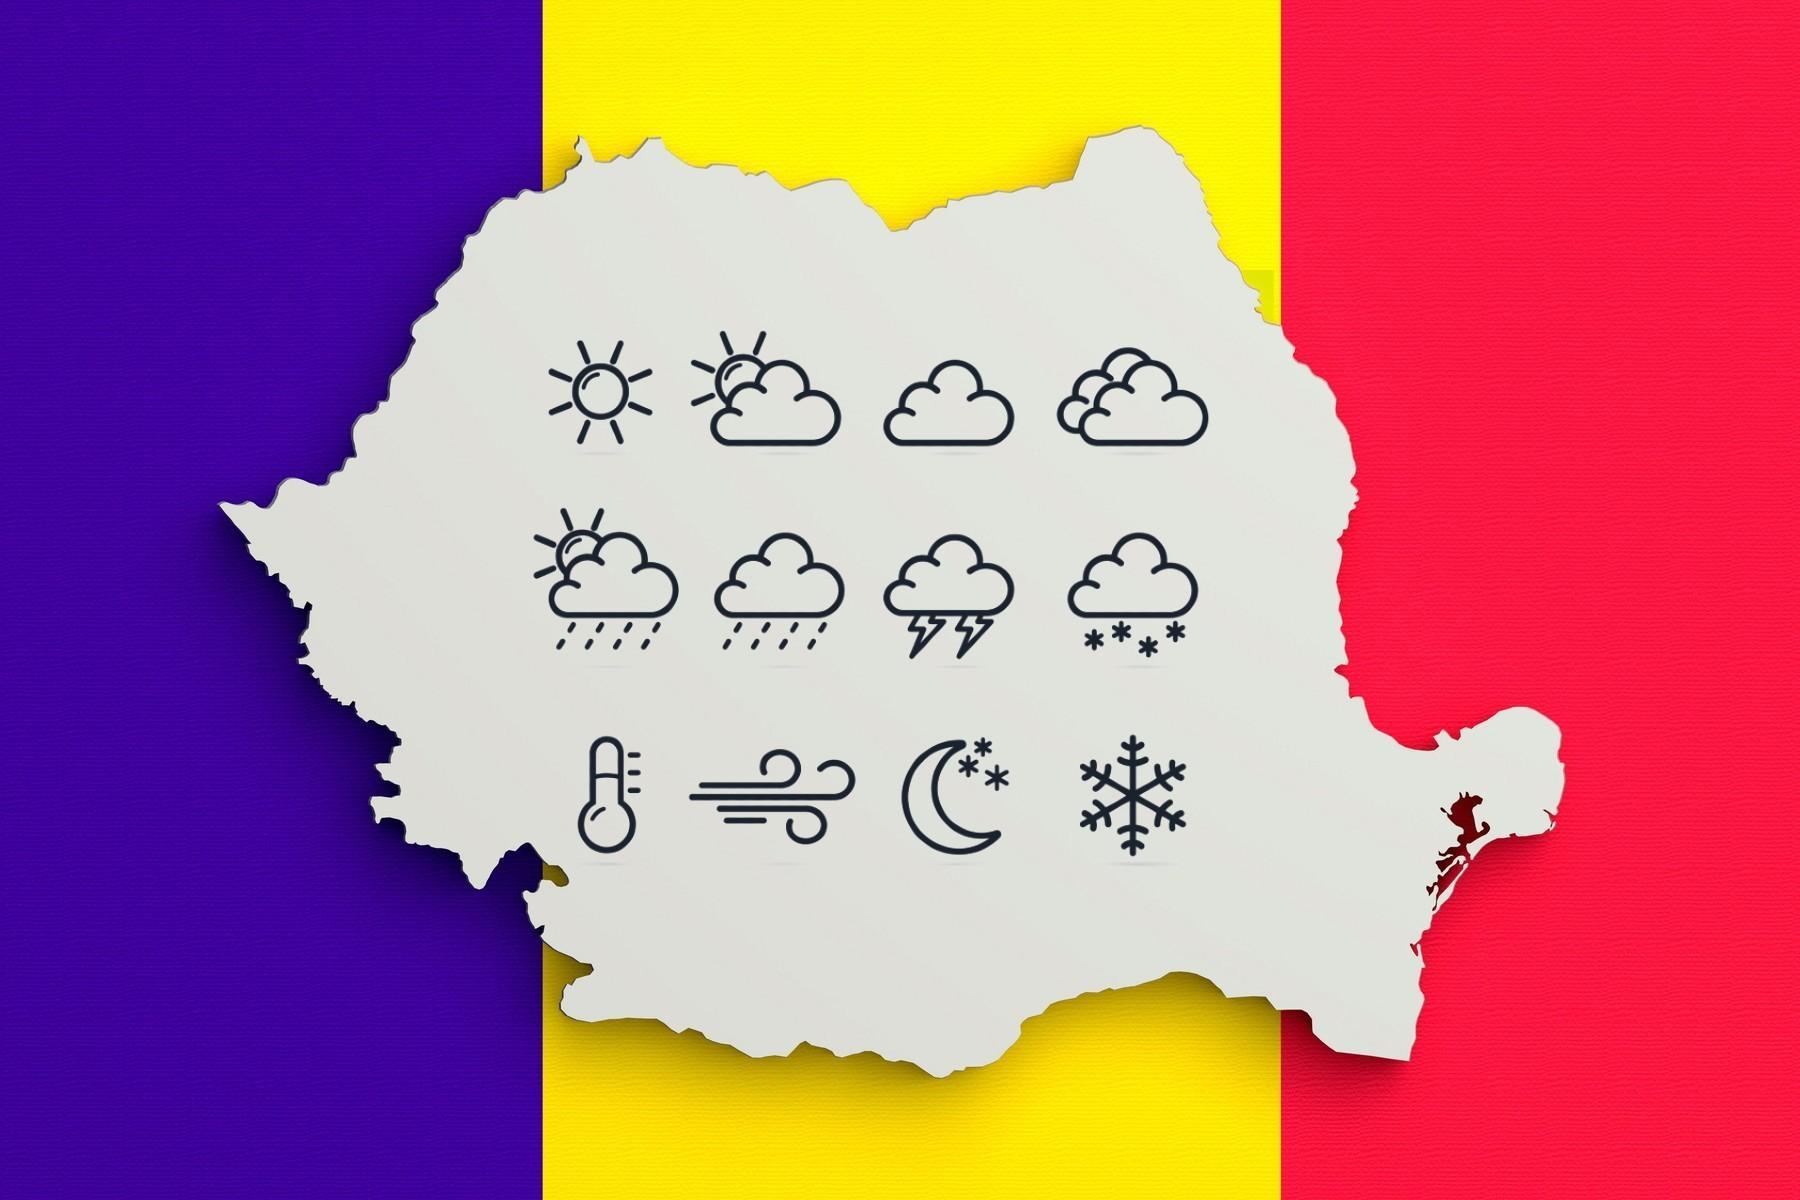 Prognoza meteo 24 noiembrie 2020. Cum e vremea în România și care sunt previziunile ANM pentru astăzi